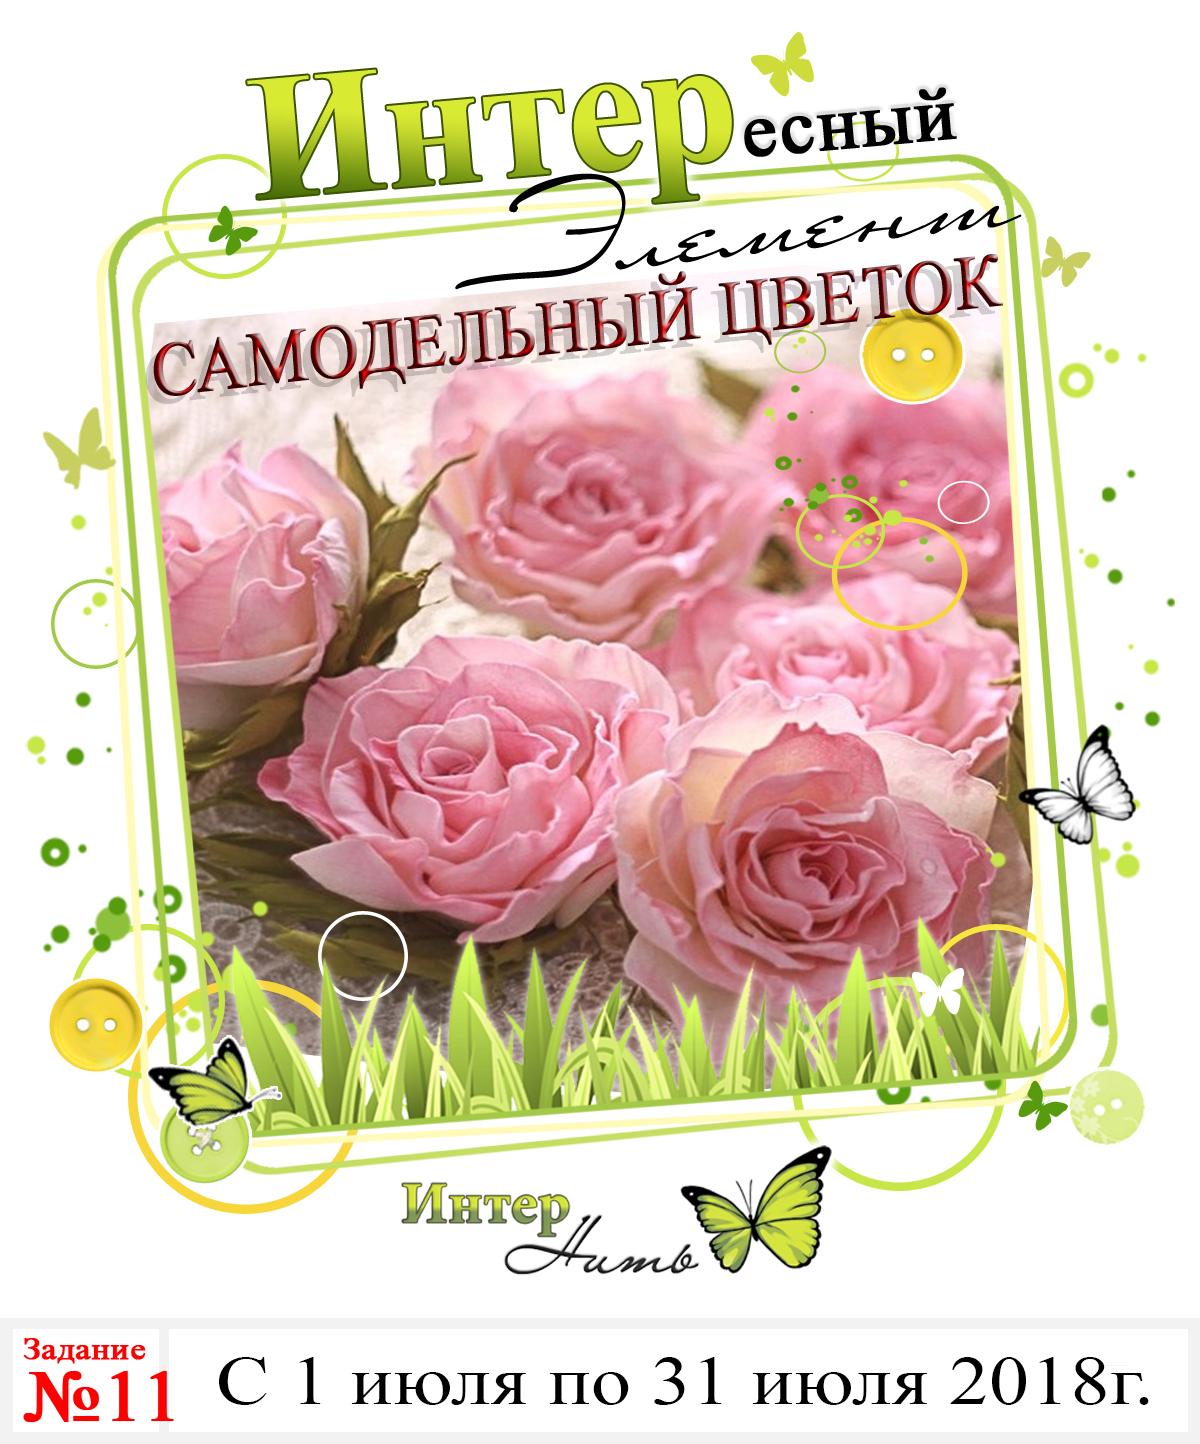 """Задание """"Интересный элемент"""" - Самодельный цветок (с 1 по 31 июля)."""